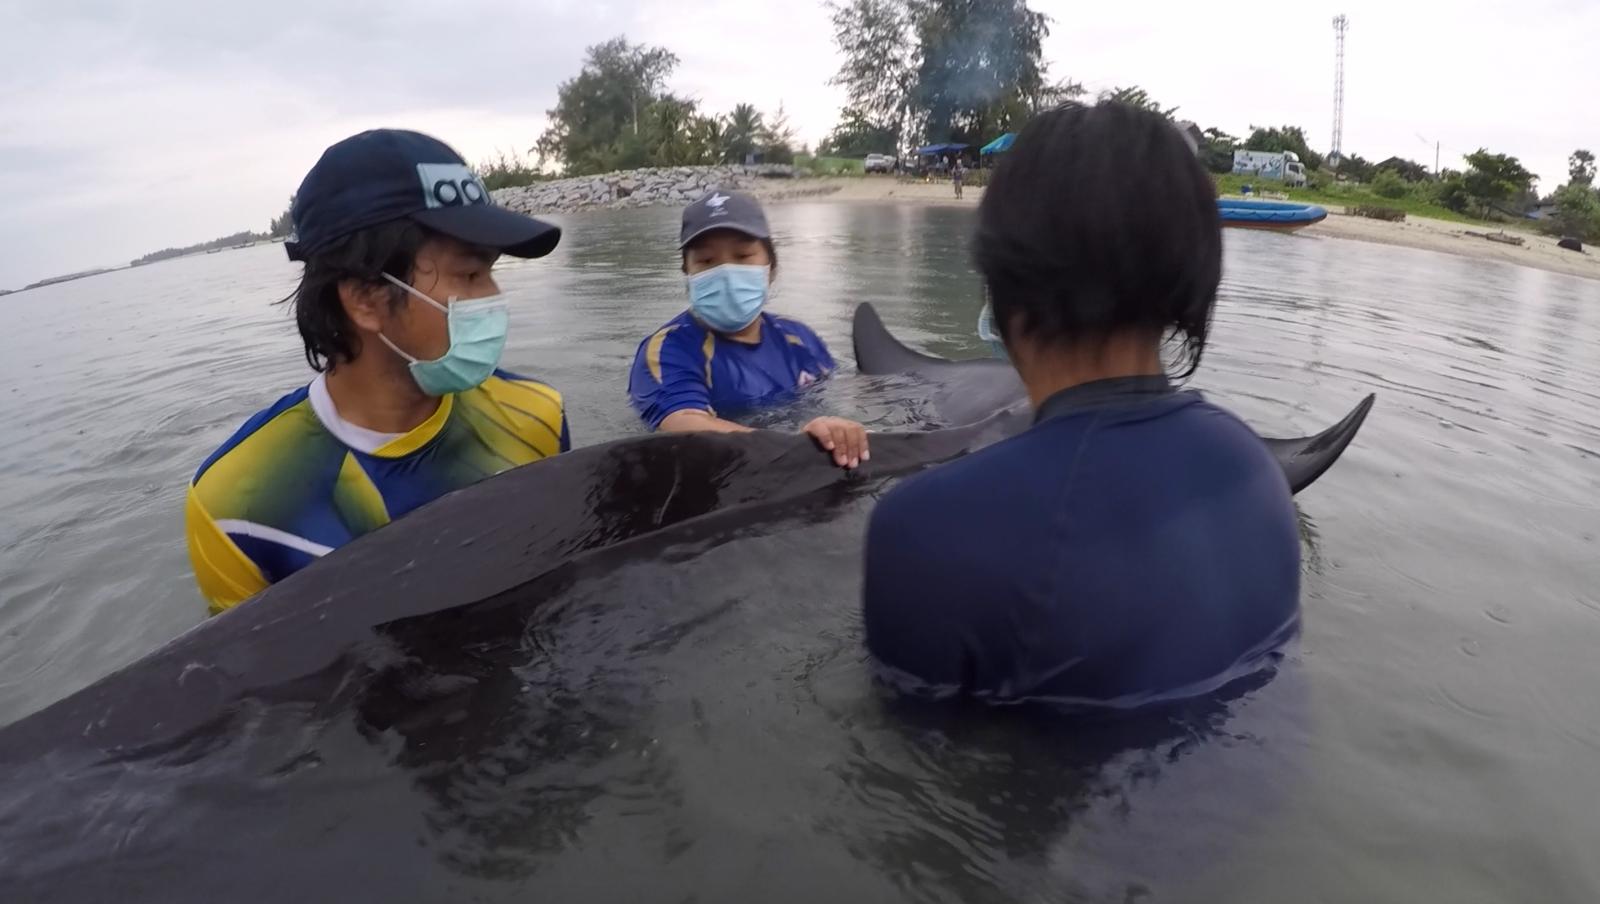 """สุดยื้อ!! """"วาฬนำร่อง"""" ตายแล้ว พบขยะพลาสติก 85 ชิ้นอุดตันกระเพาะอาหาร"""